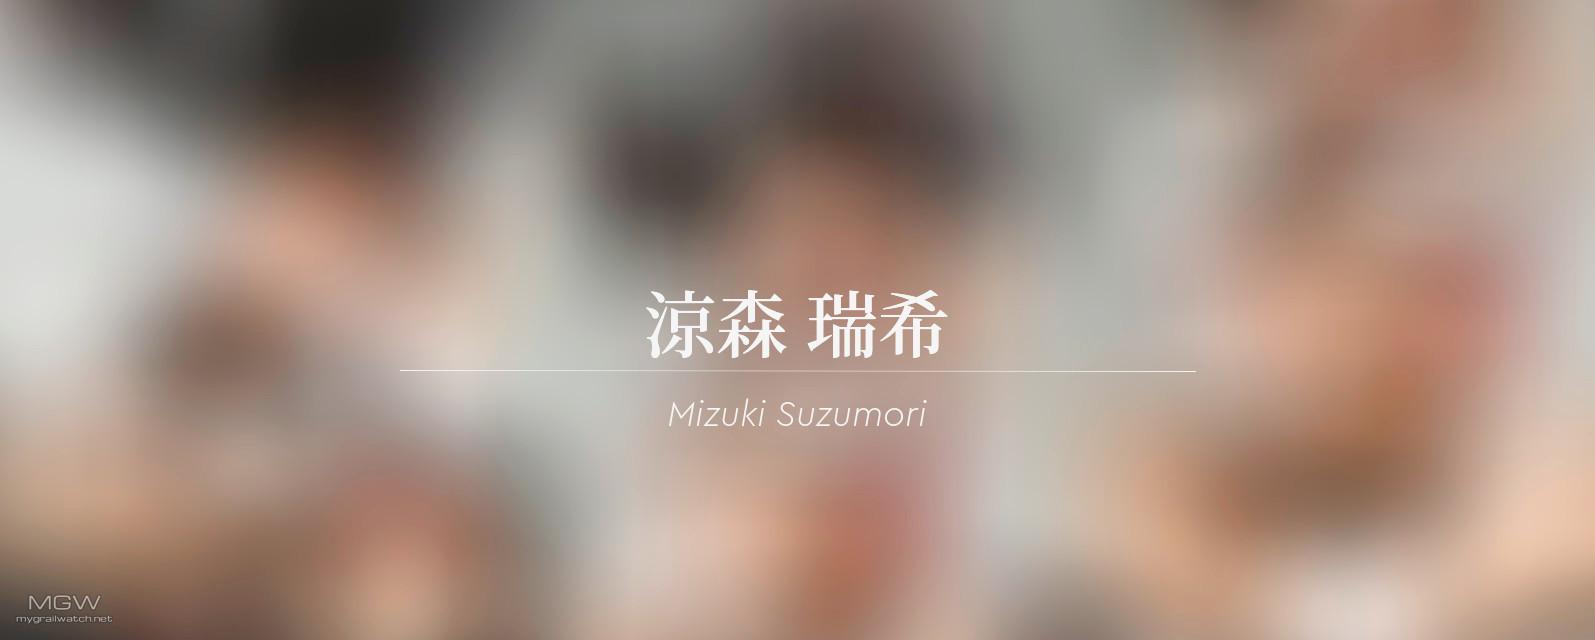 Mizuki Suzumori by FROG from Netokano NTR KANOJO